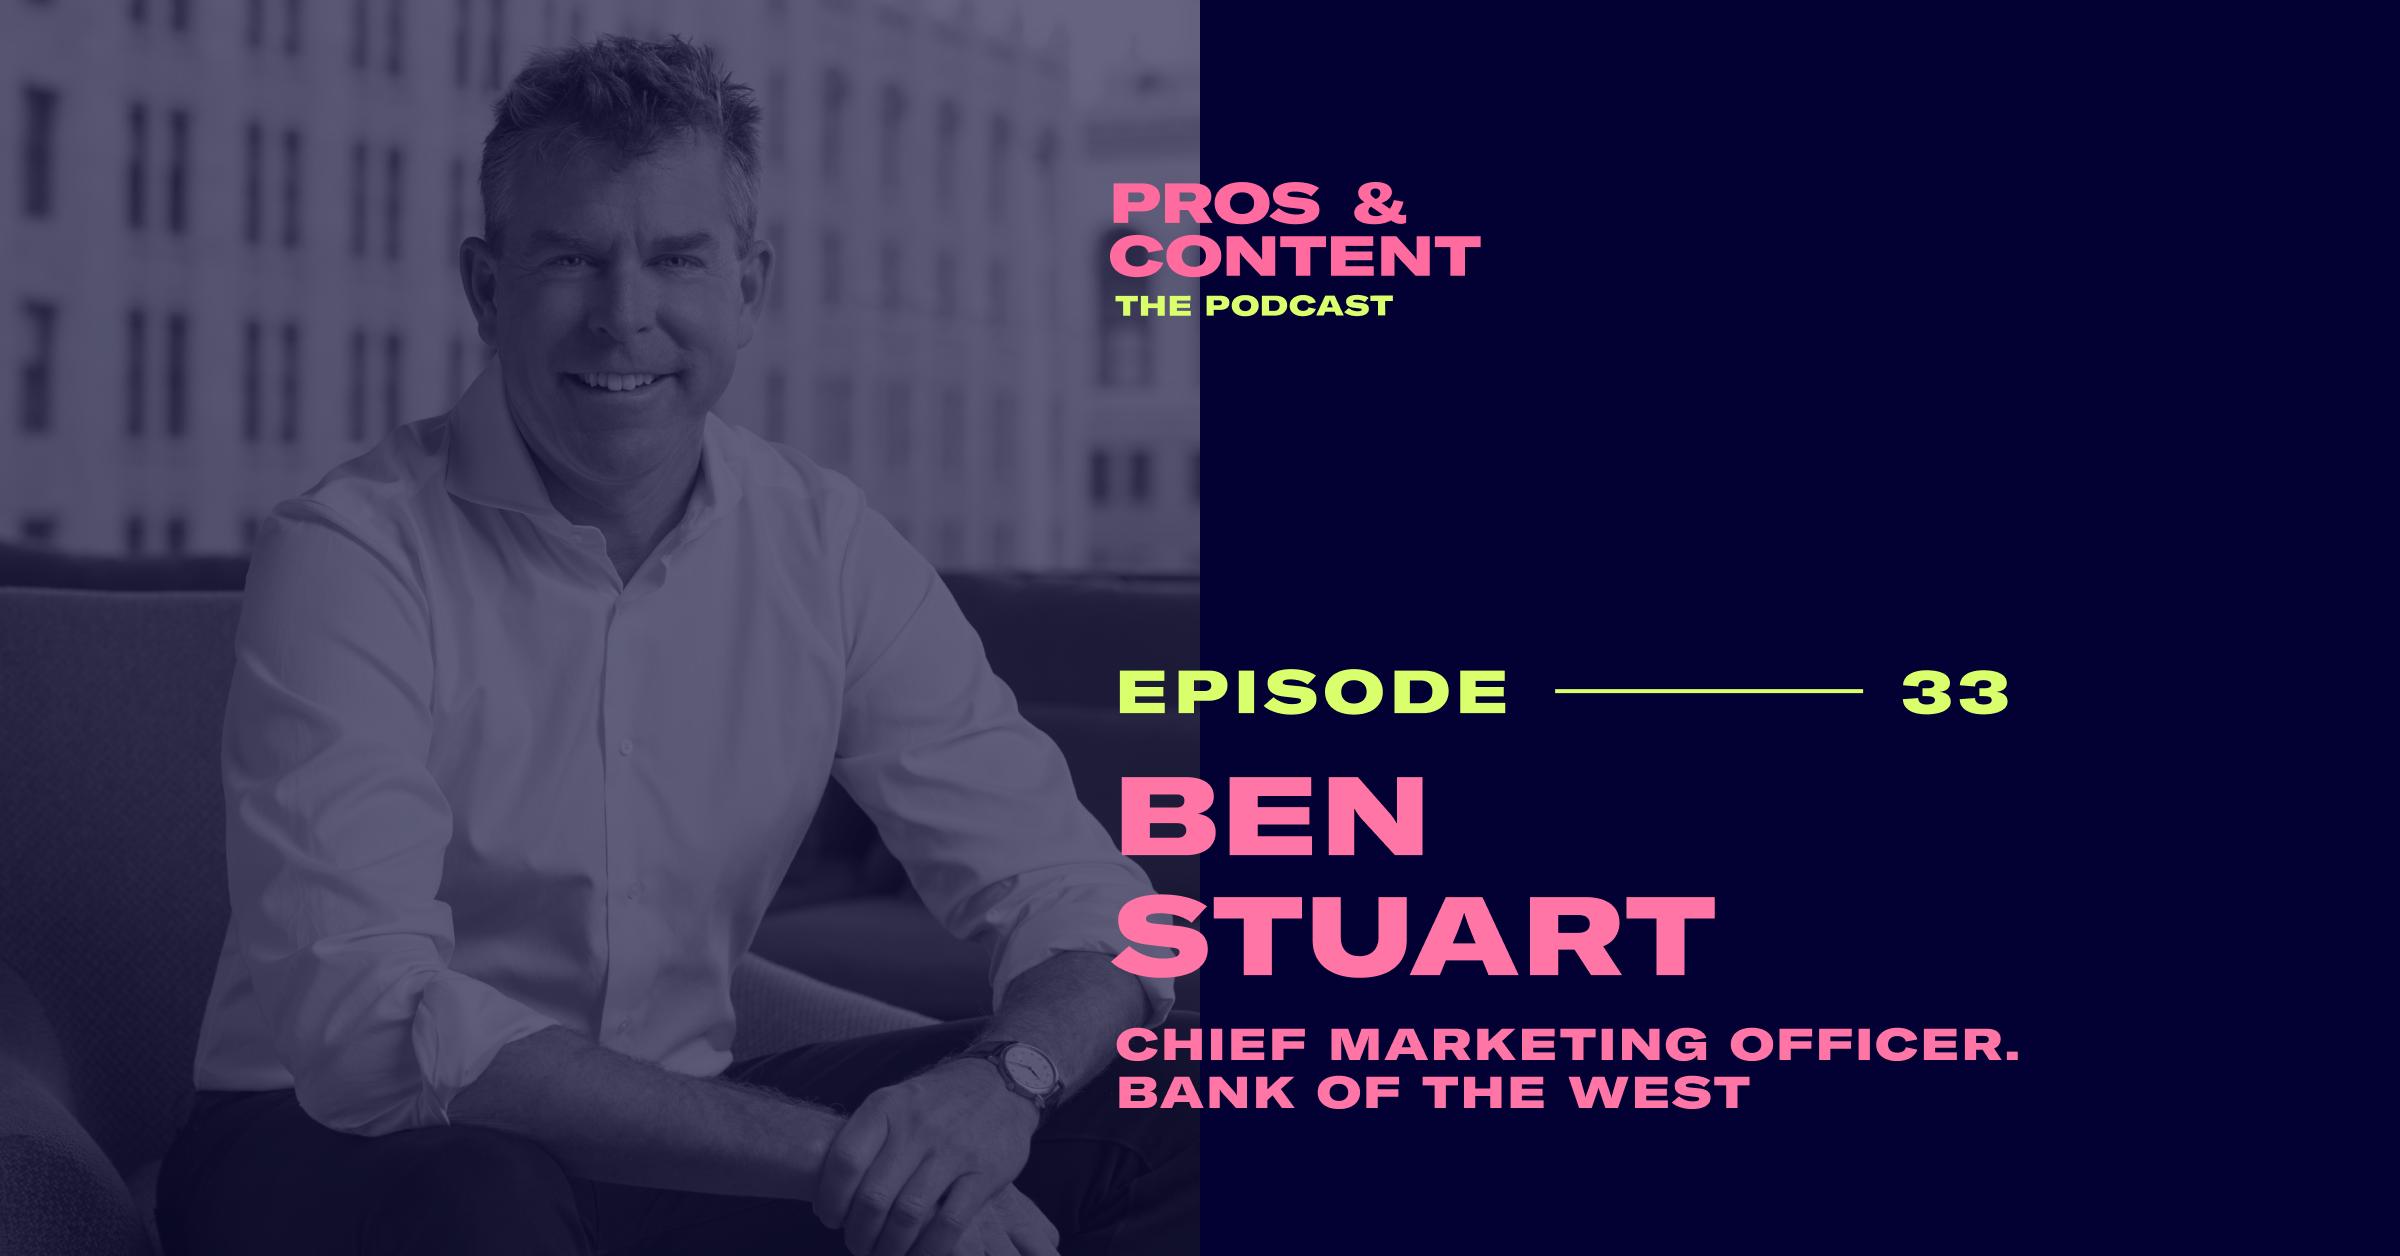 Pros & Content Podcast: Ben Stuart